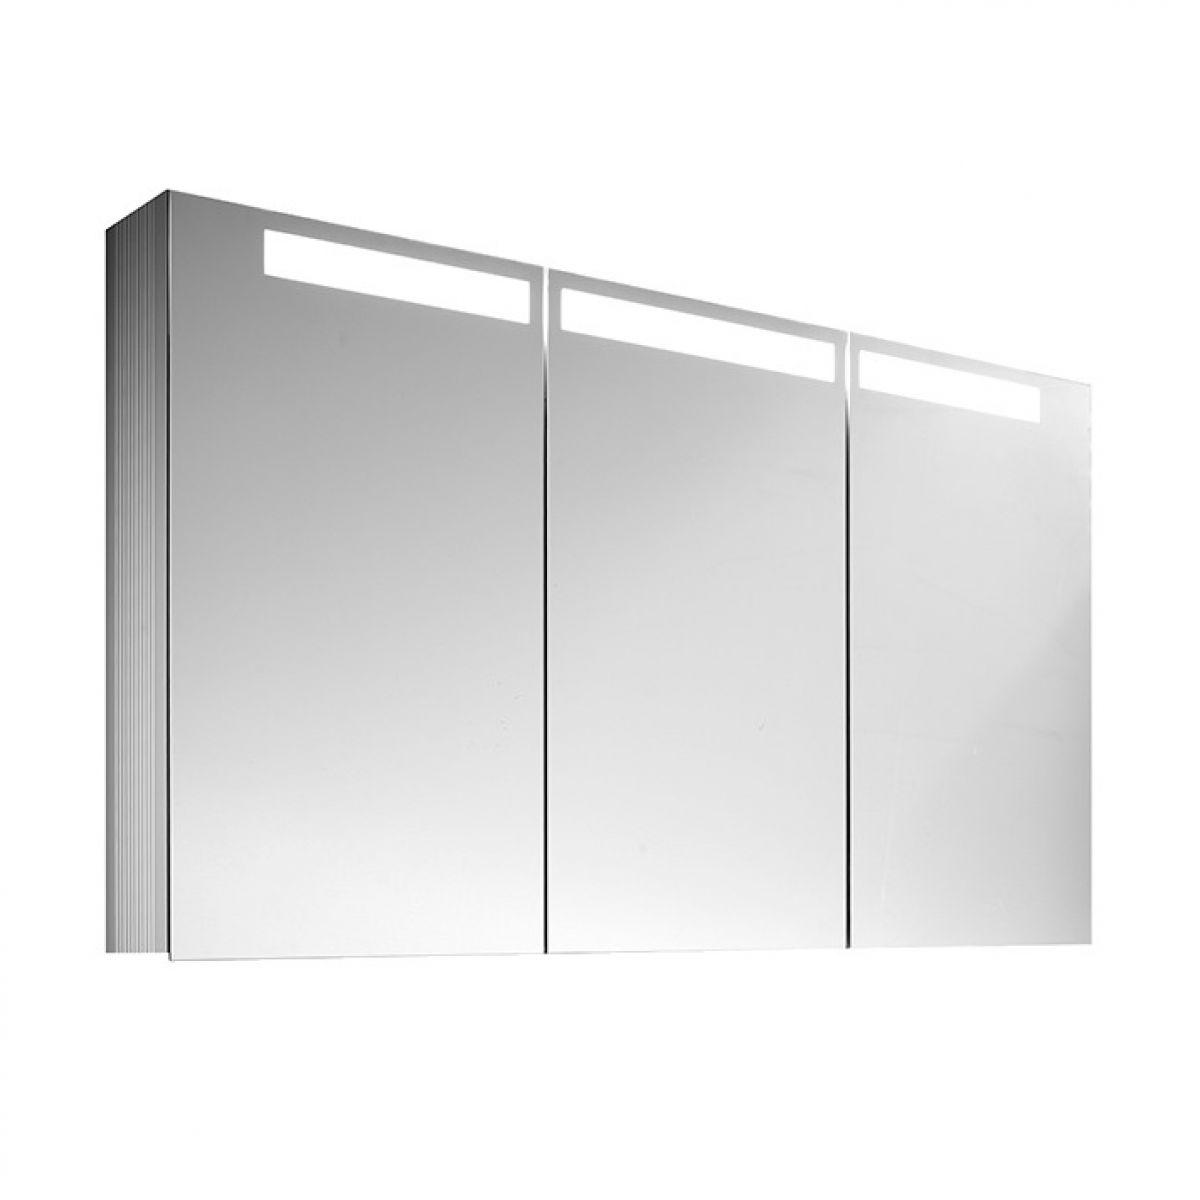 Villeroy boch soho subway mirror cabinet uk bathrooms - Villeroy boch salle de bain ...